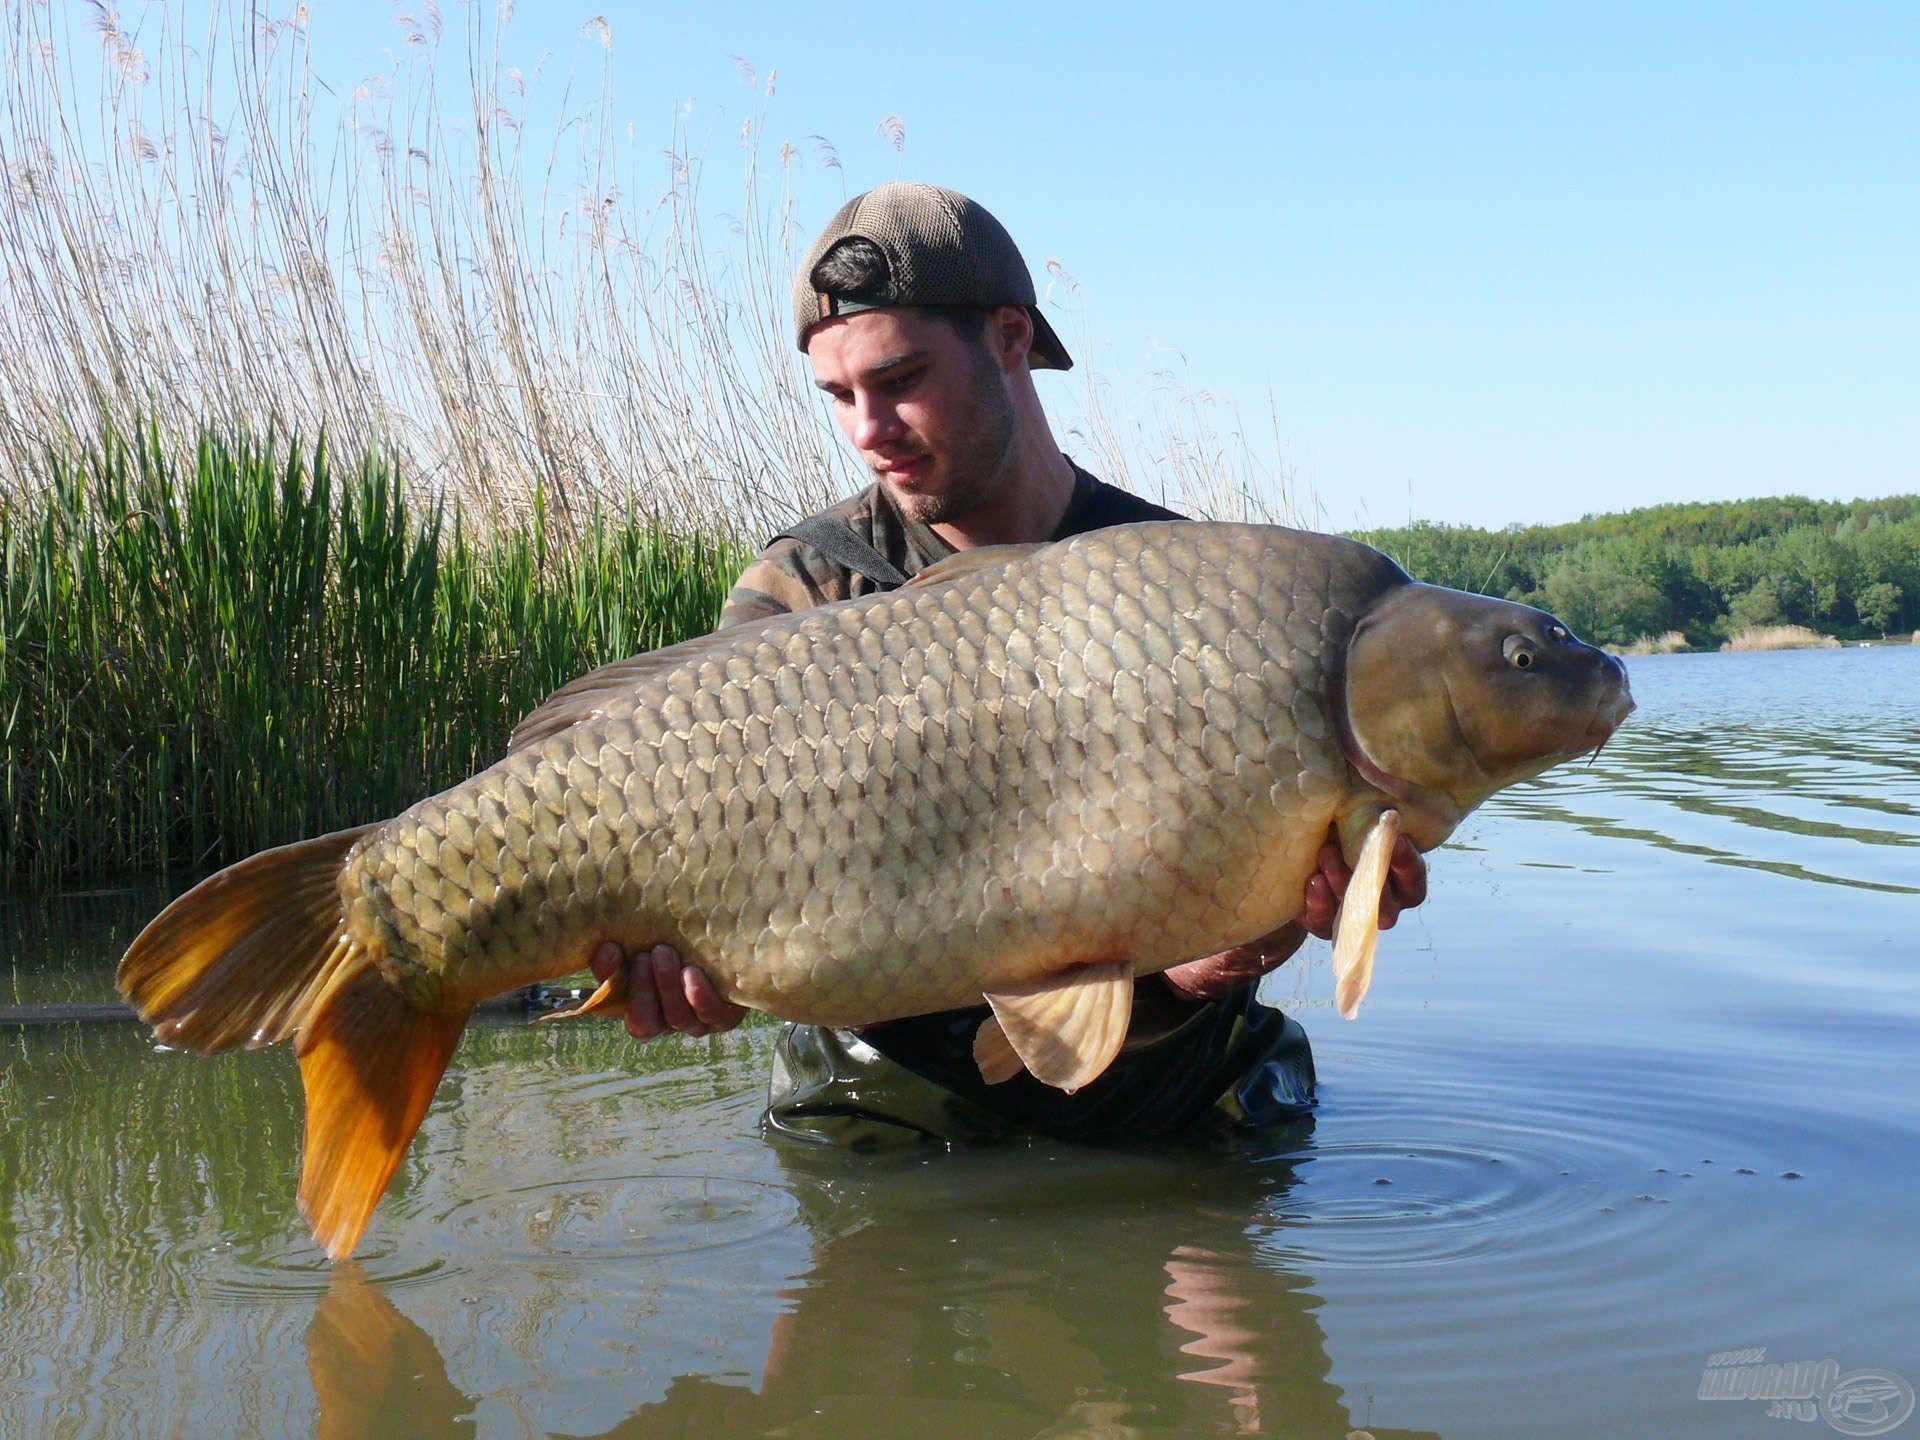 Farkas Szabolcs szenvedélyes pontyhorgász, ráadásul azon kevesek közé tartozik, akik fogtak már Magyarországon 30 kg-ot meghaladó súlyú pontyot!